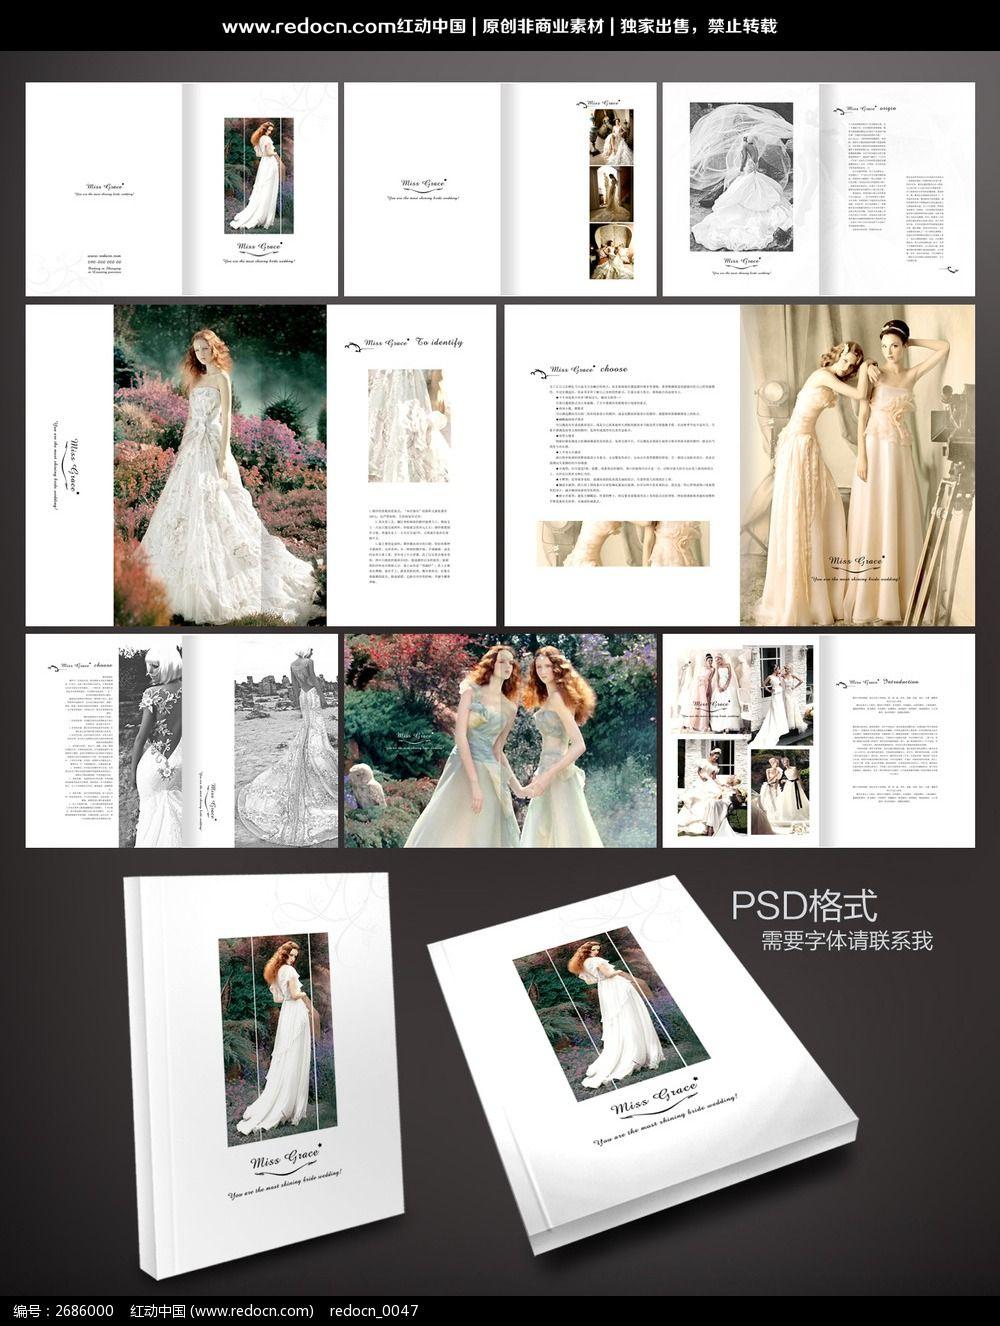 婚纱摄影公司画册设计模版